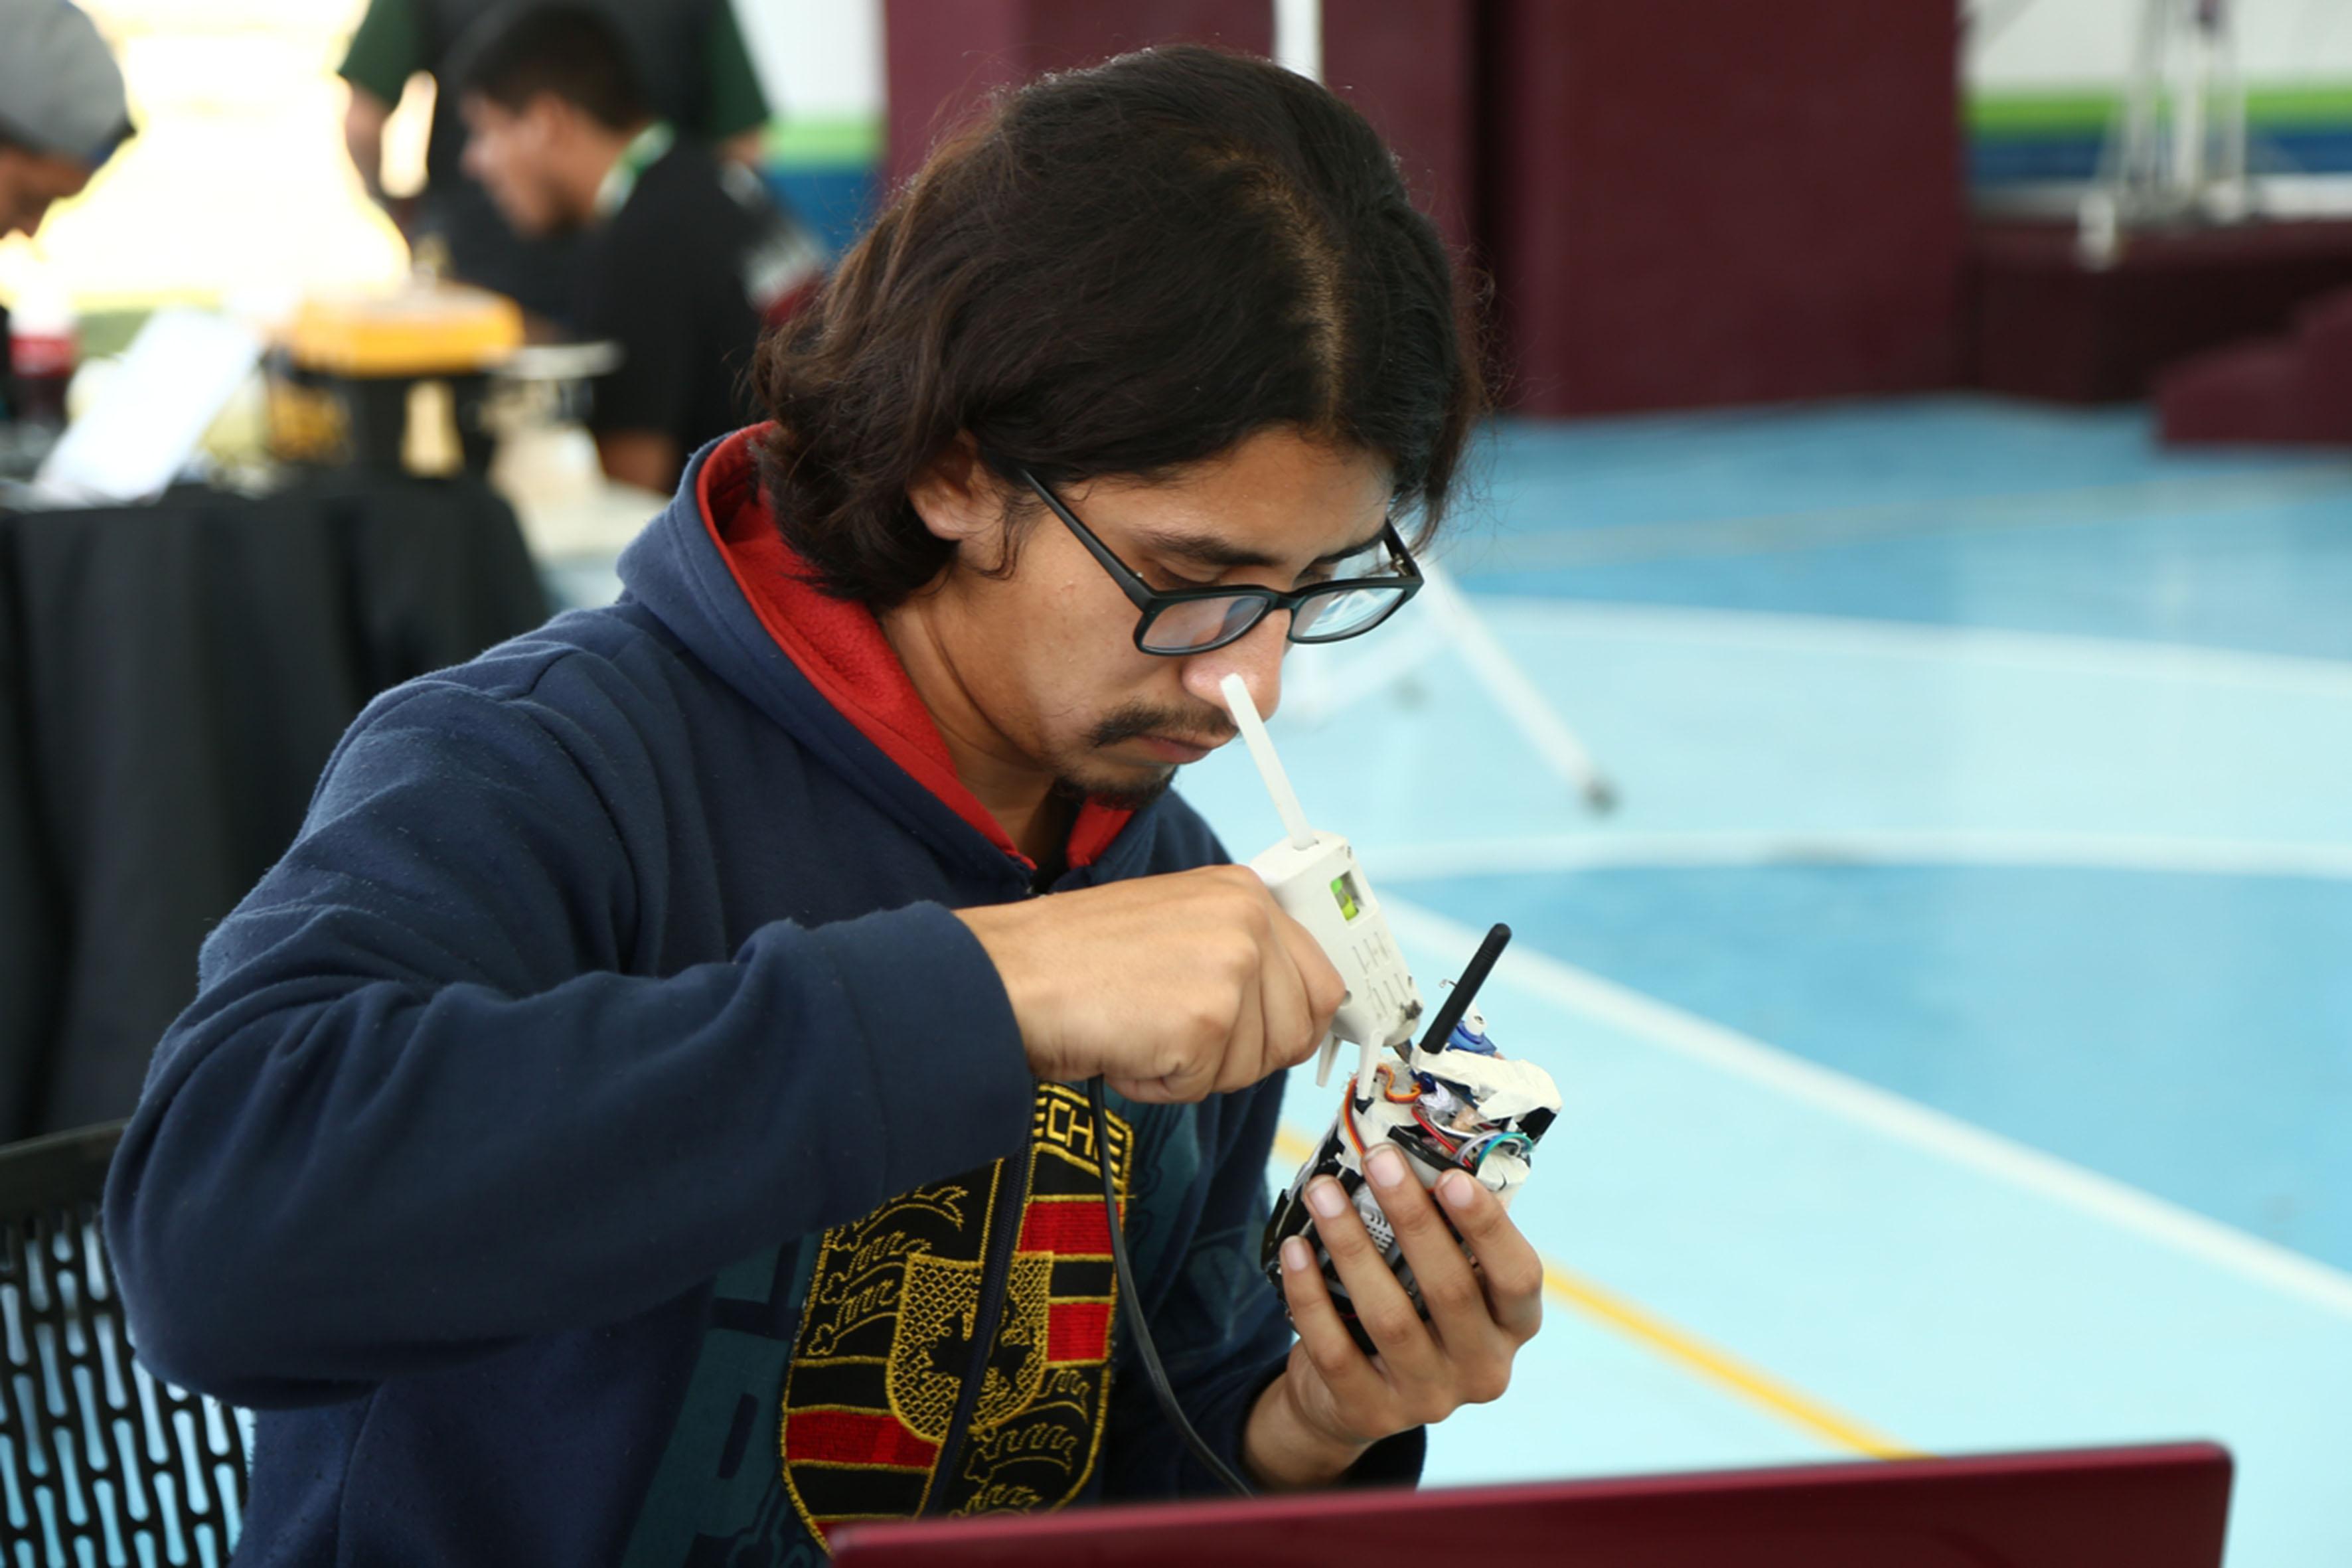 Estudiante de ingeniería pegando piezas a su satélite en miniatura.